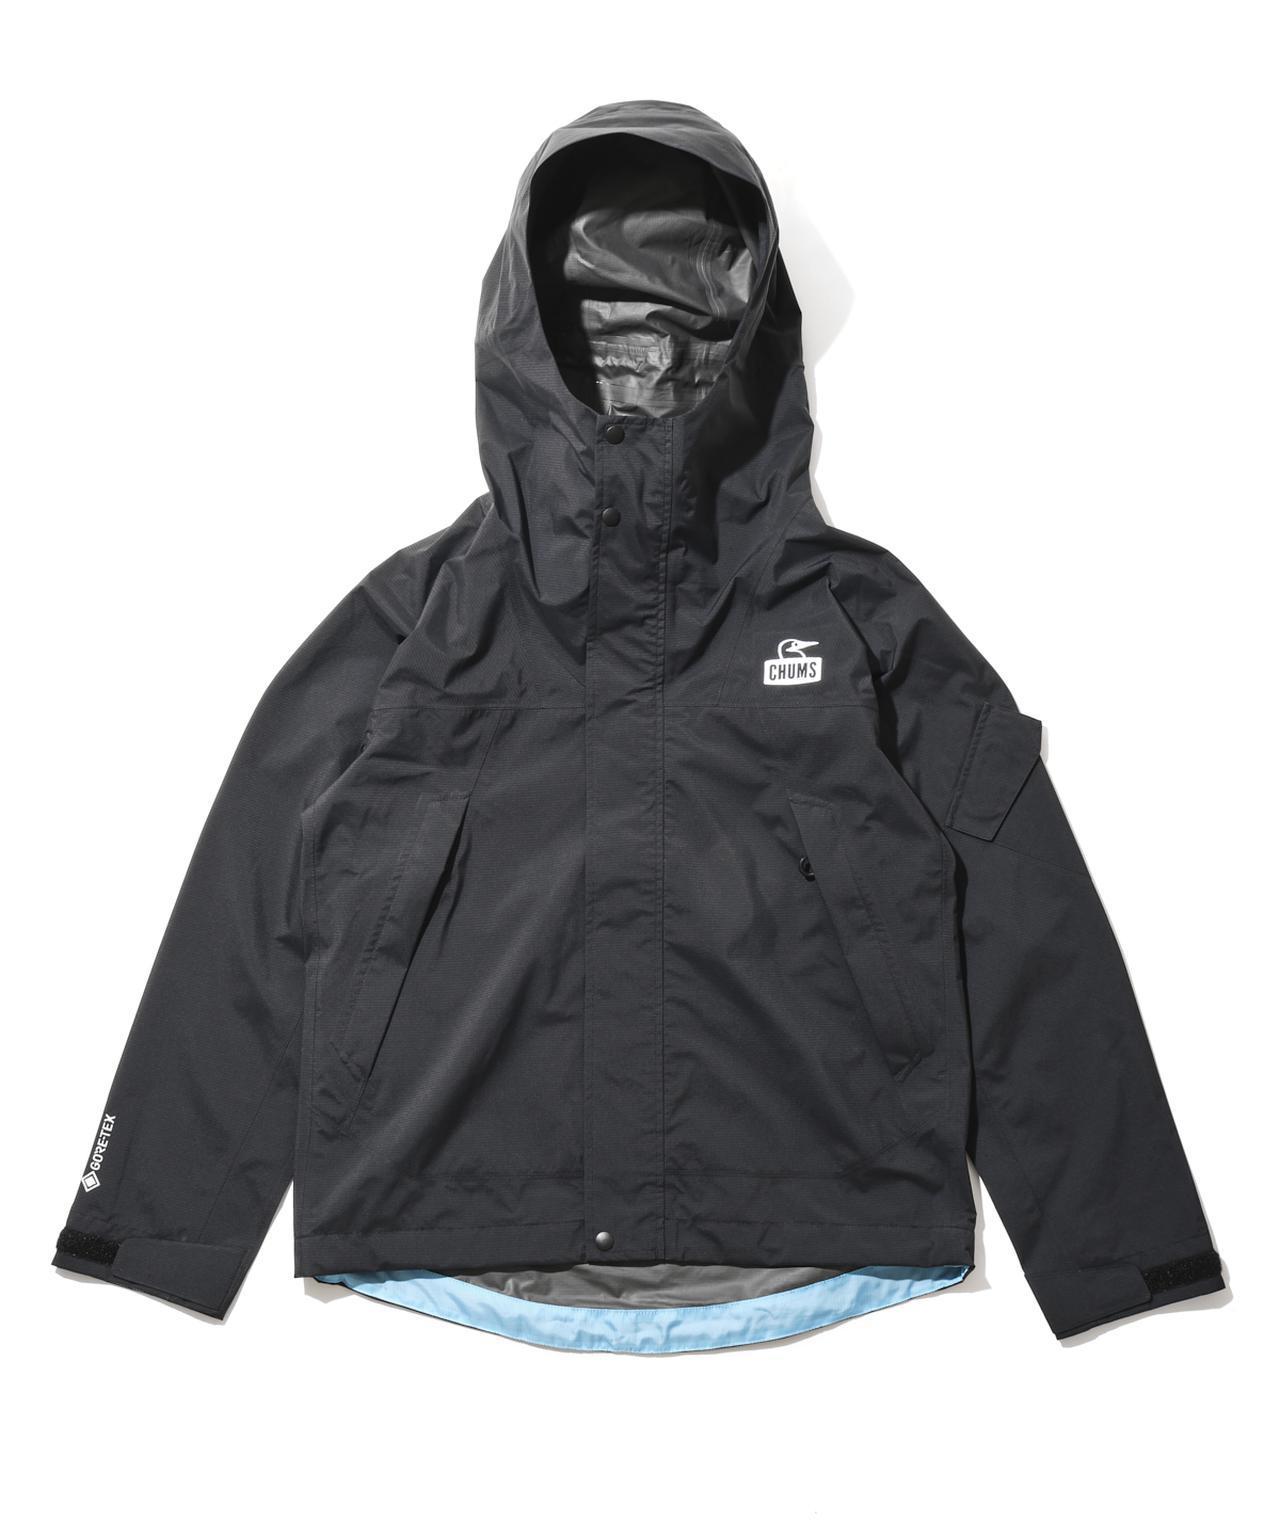 画像2: 街着としても着用しやすいシンプルなジャケット